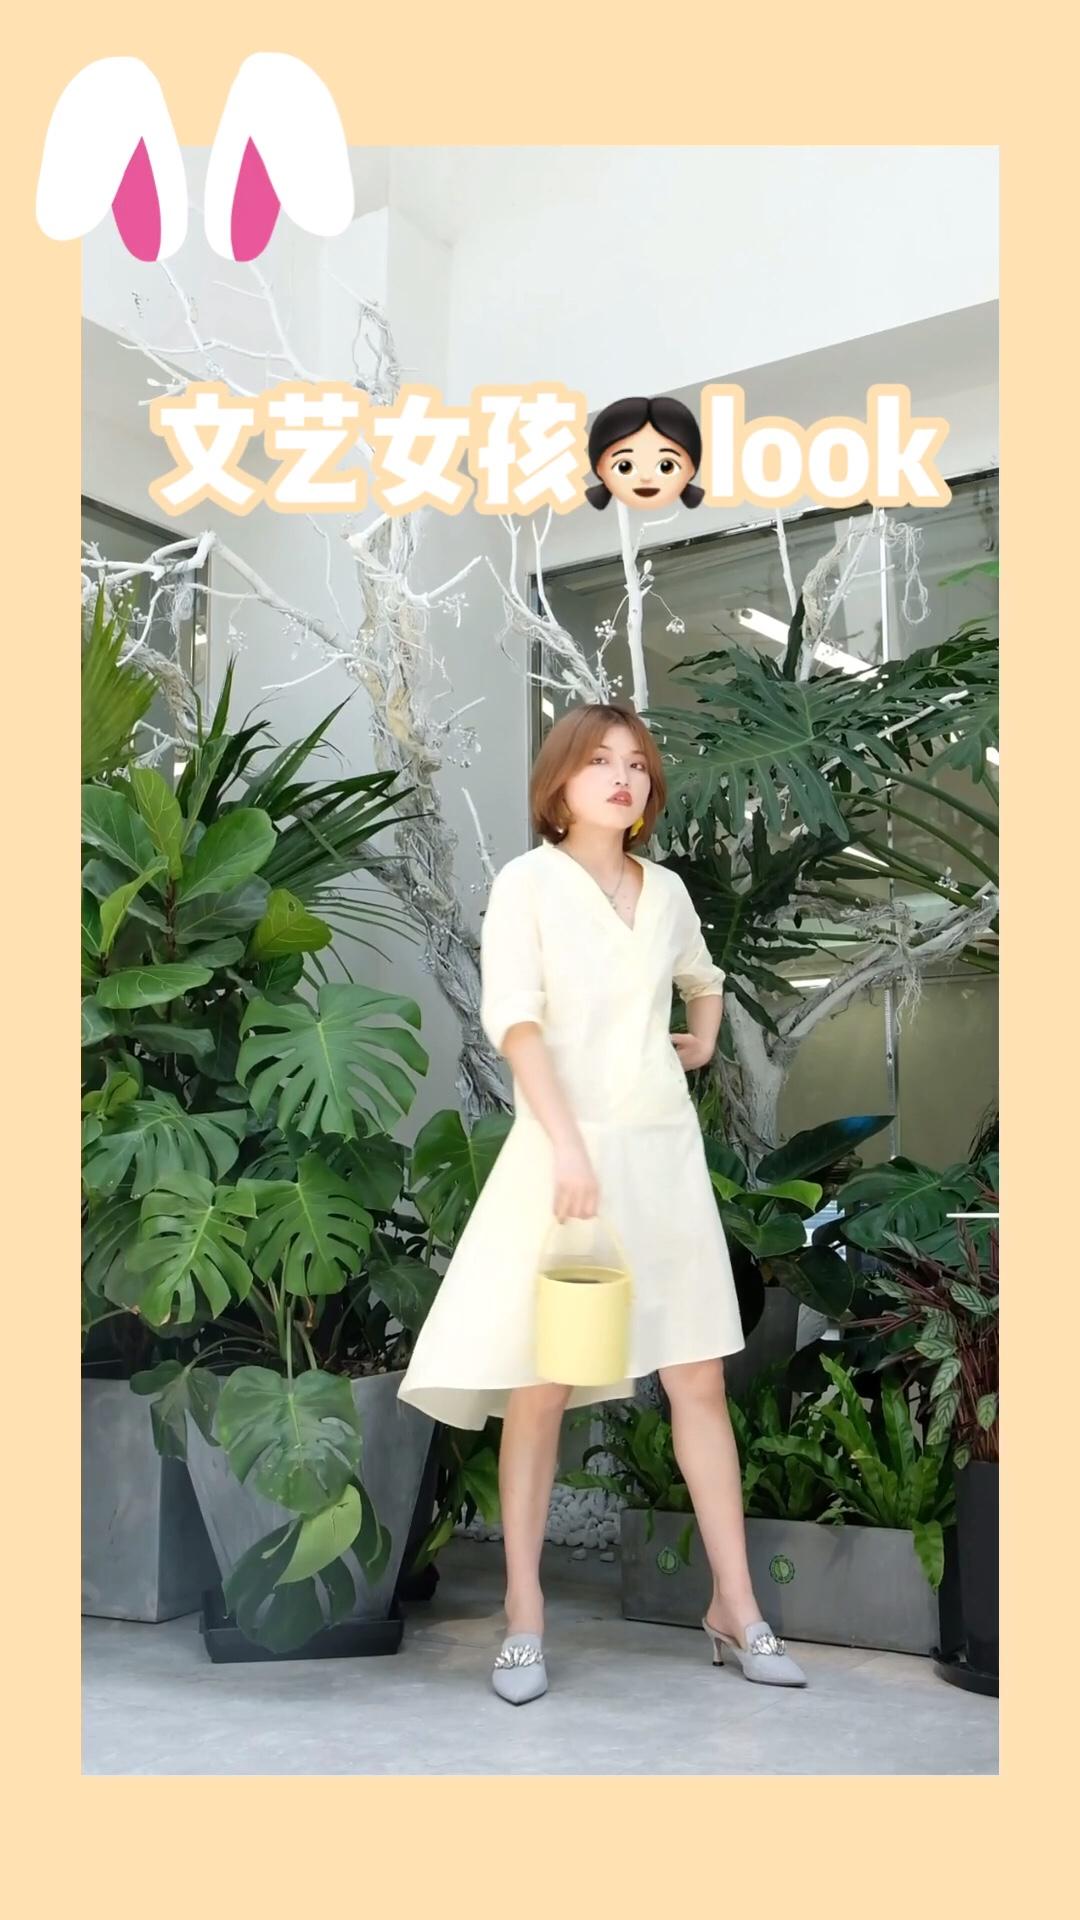 #蘑菇街新品测评# 今年夏天很流行黄色连衣裙噢 黄色代表明亮 很适合夏天呢 不会夸张的颜色  很有小清新的调调 穿上身时尚又百搭 秒变优雅小女人!!!